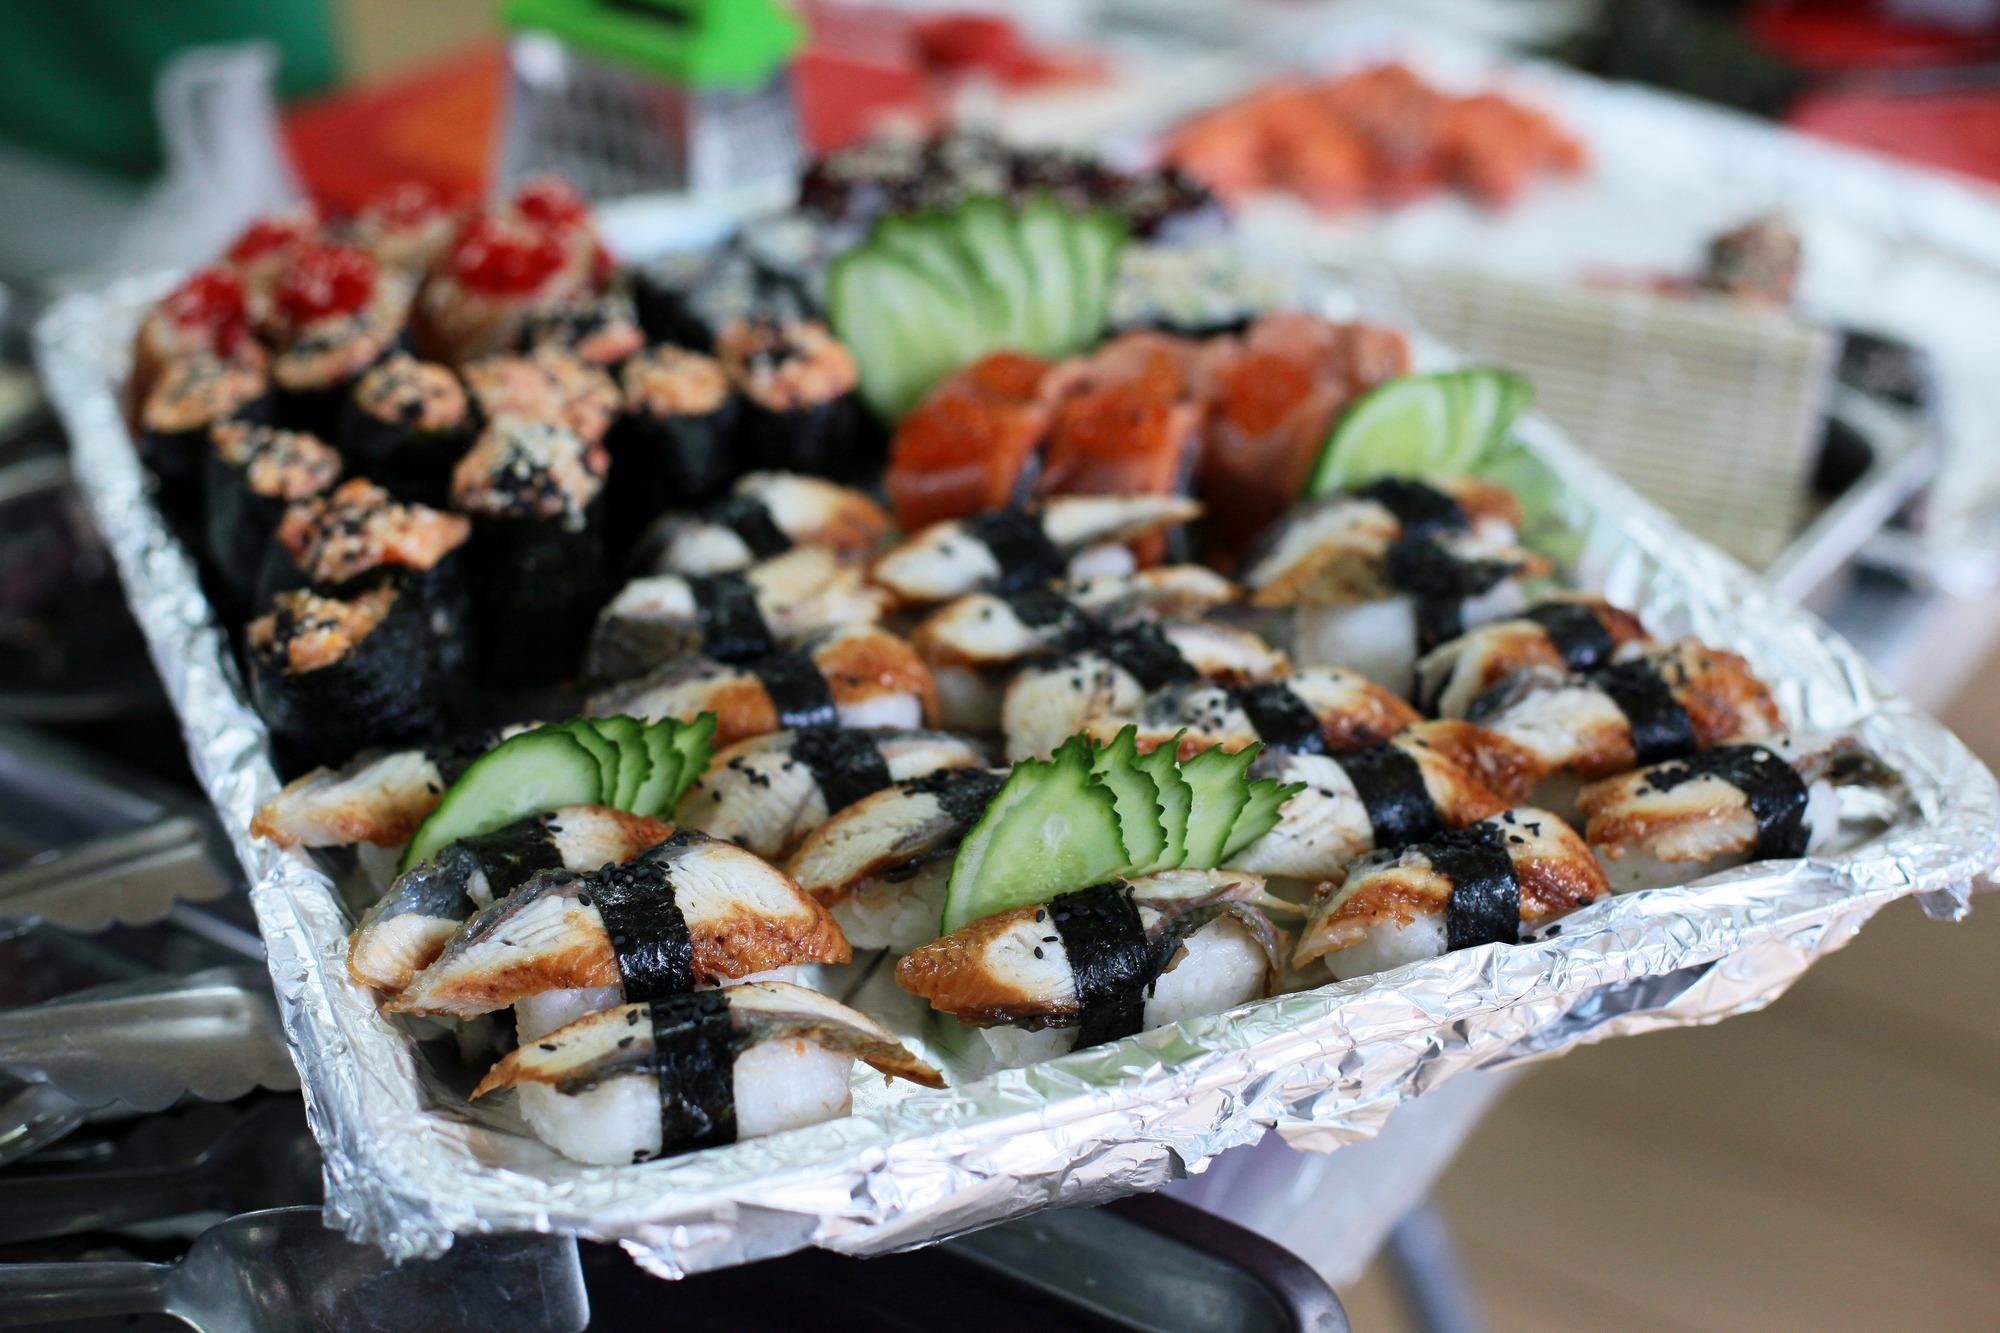 Блюда, приготовленные участниками. Суши